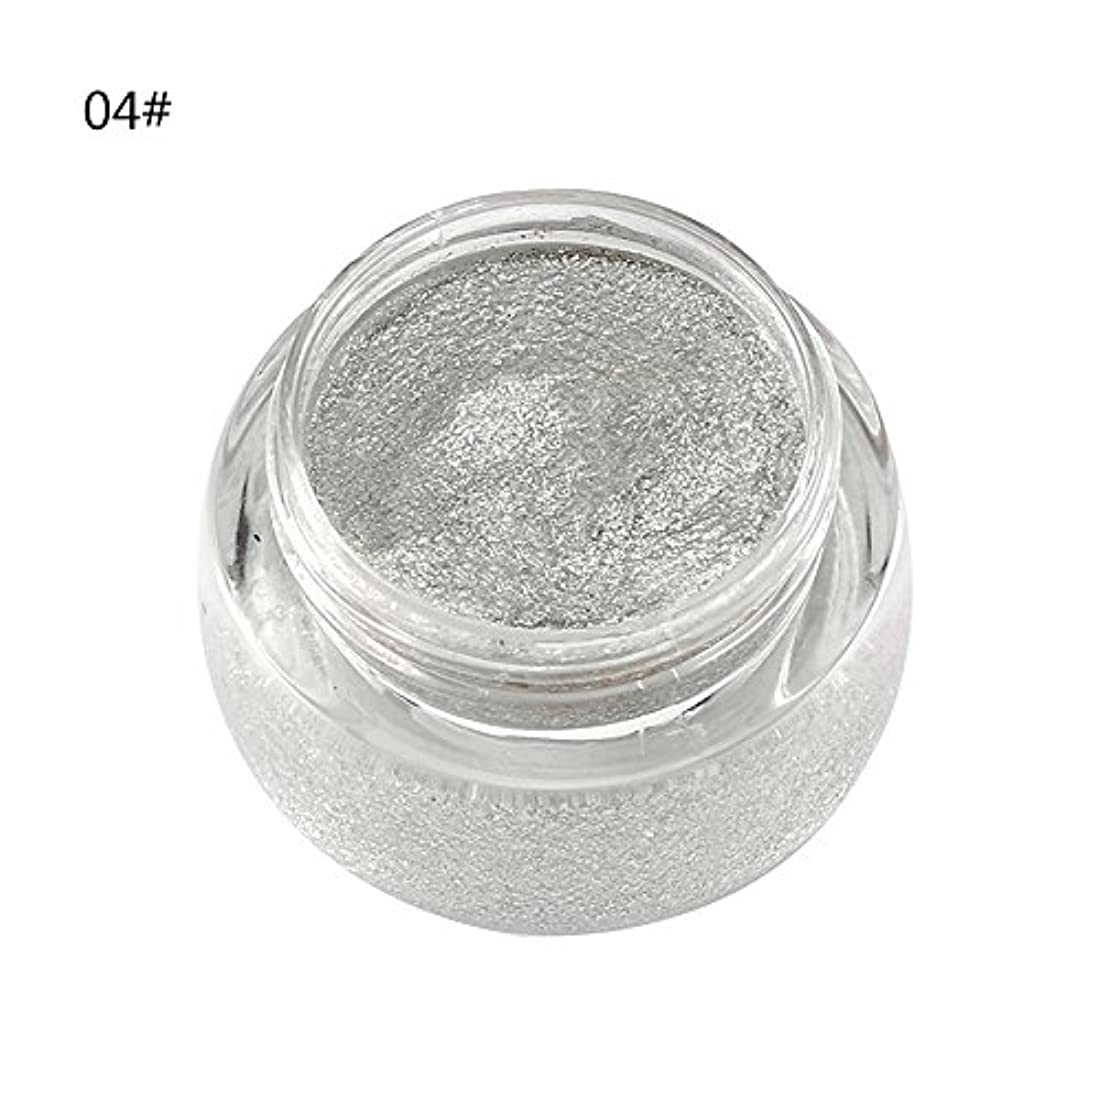 機械的に適応する継続中アイシャドウ 単色 化粧品 光沢 保湿 キラキラ 美しい タイプ 04